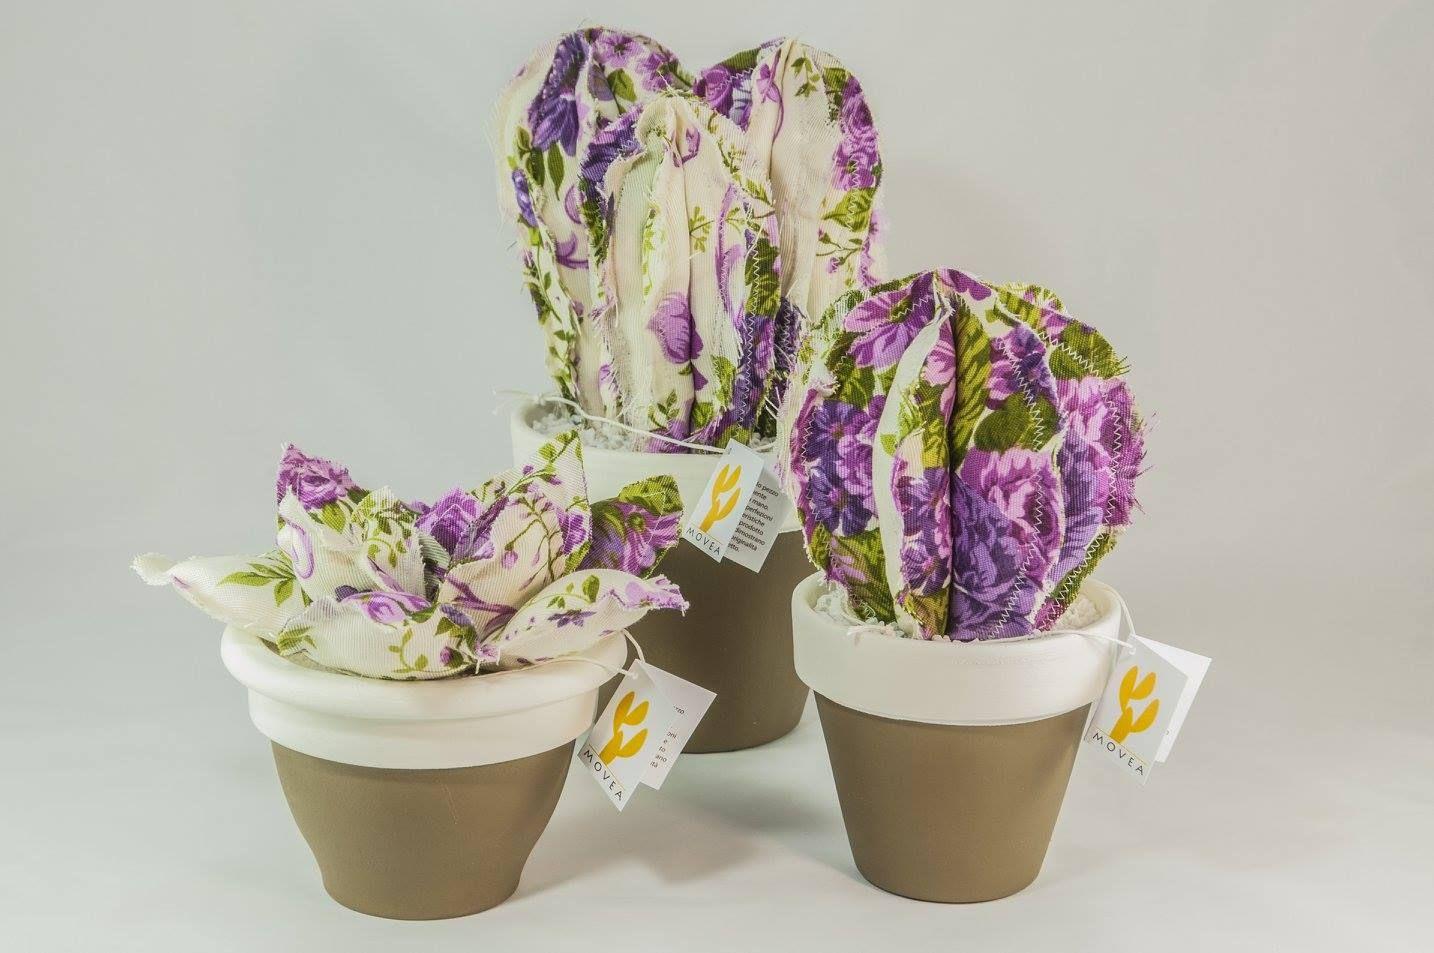 Cactus in tessuto. Piante artificiali realizzate a mano. Made in Italy.